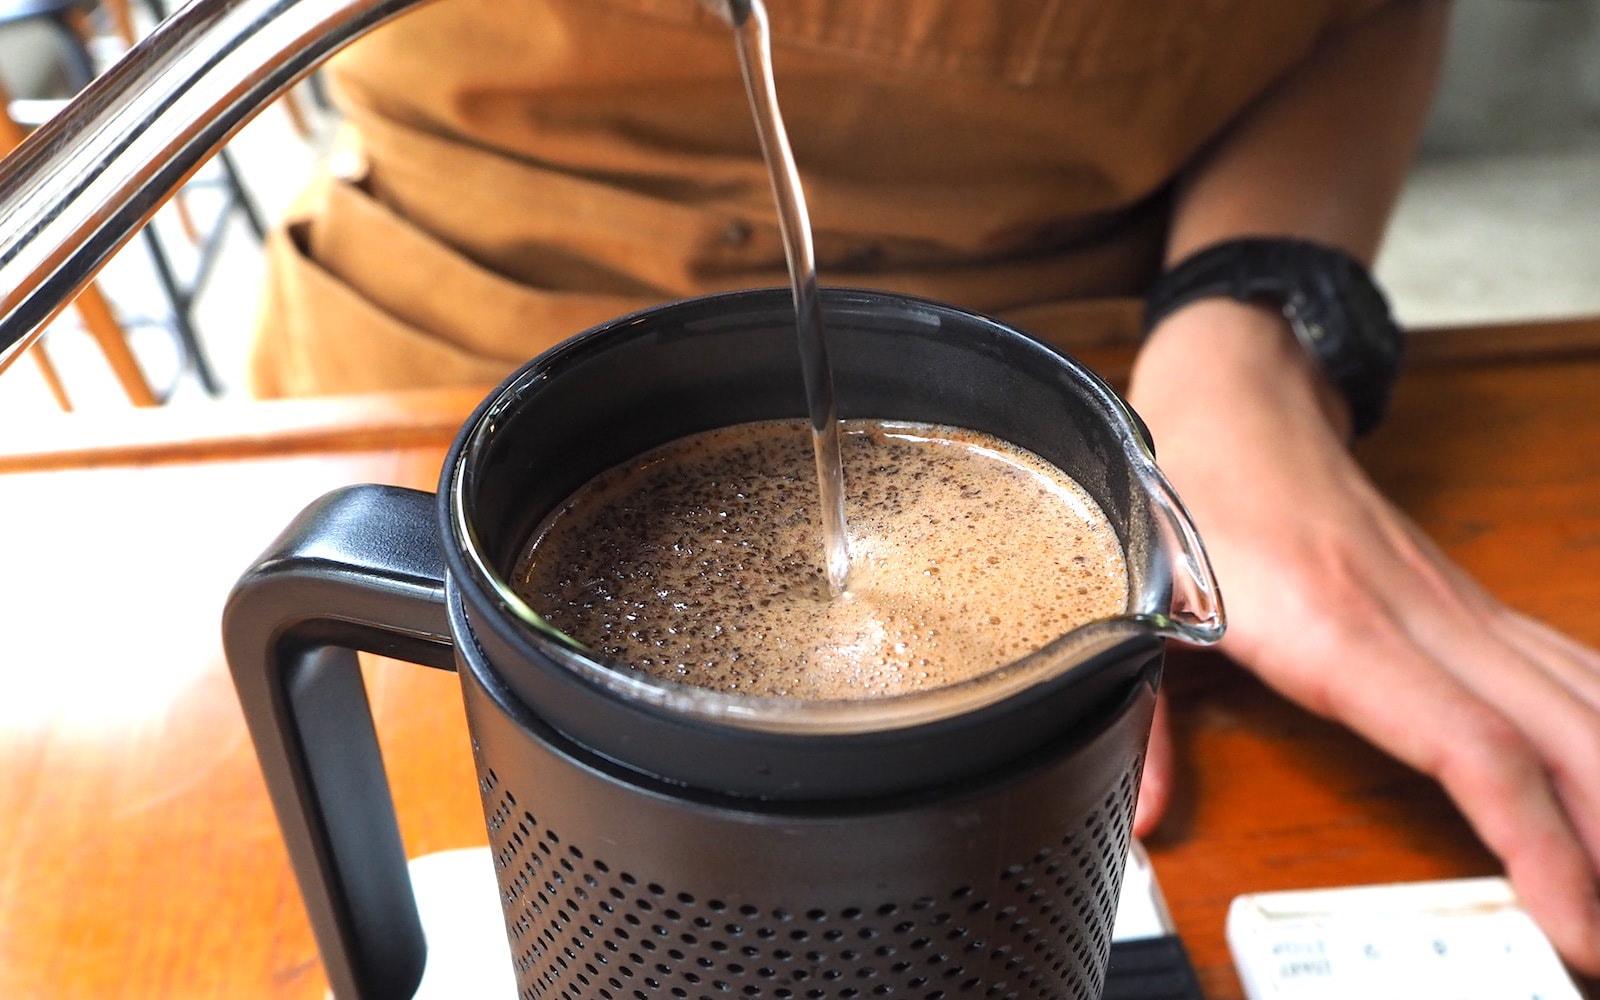 コーヒー蒸らし フレンチプレスで美味しく淹れるコツ